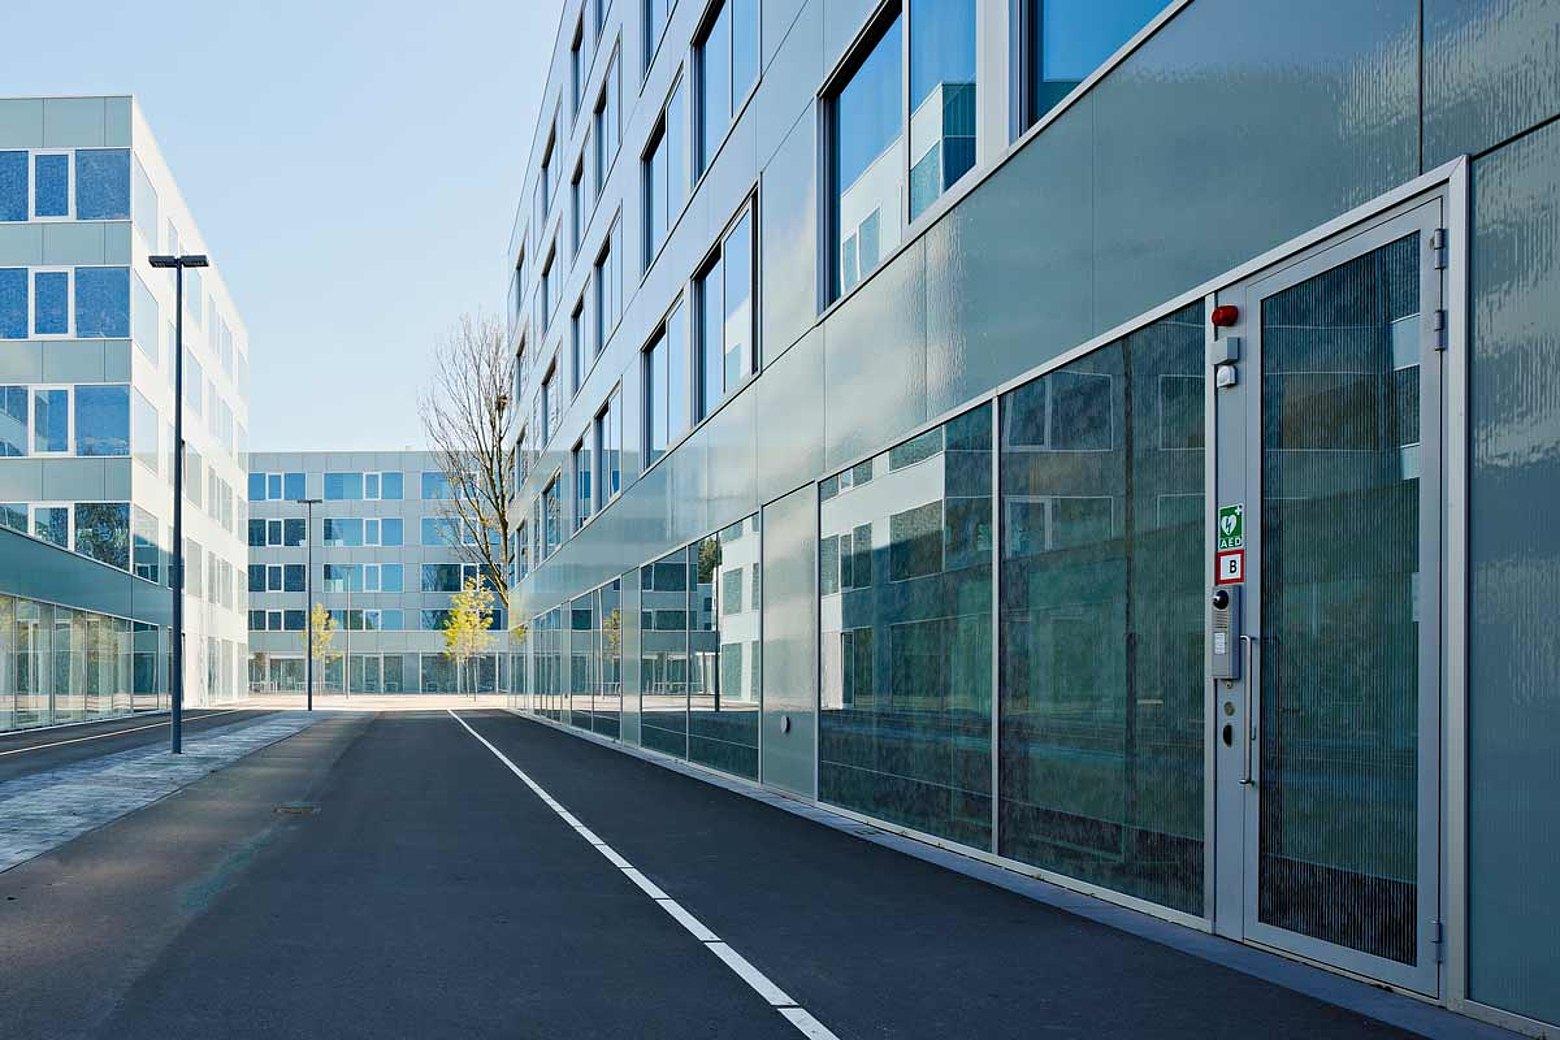 Türen und Verglasungen aus Stahl mit Wärmedämmung und Einbruchhemmung. Das verwendete Profilsystem ist forster unico. Campus Hooglvliet Amsterdam, Niederlande